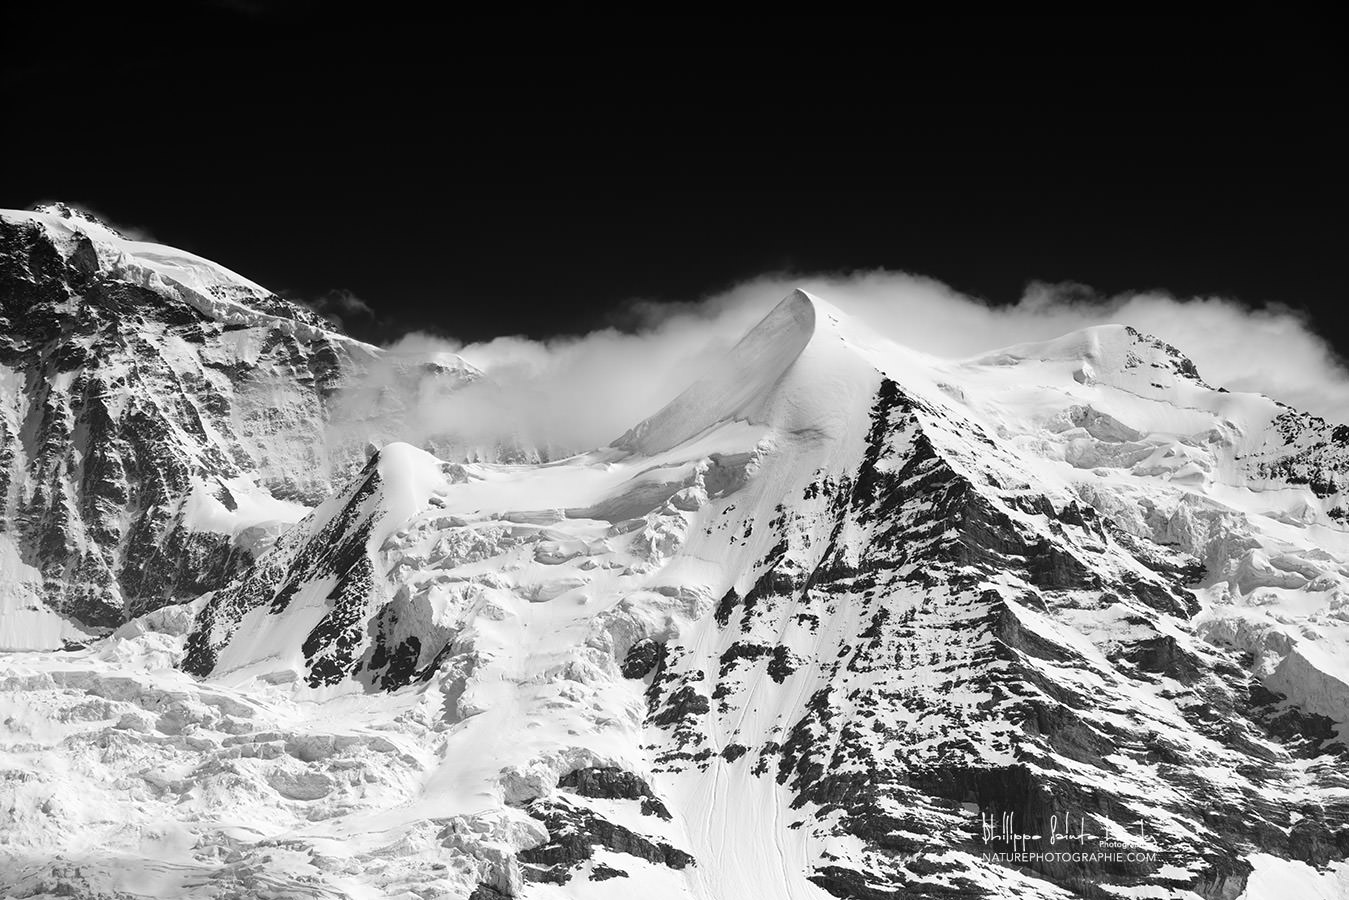 Massif de la Jungfrau en noir et blanc